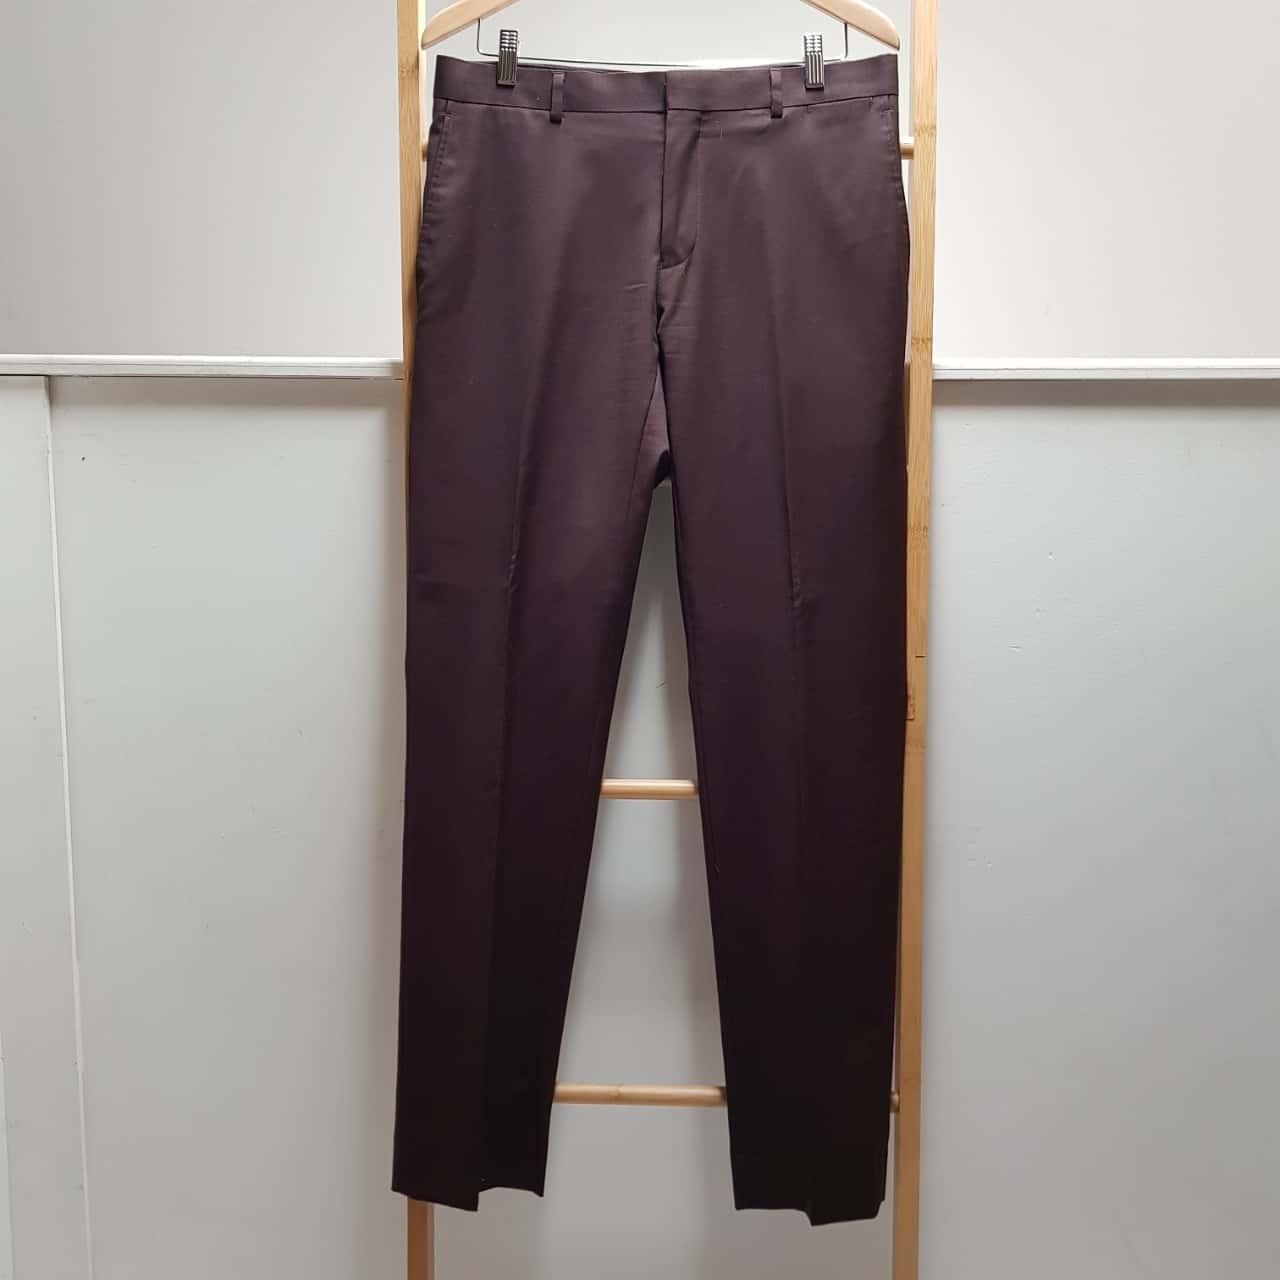 Bossini Mens Dress Pants Maroon Size 84 Regular